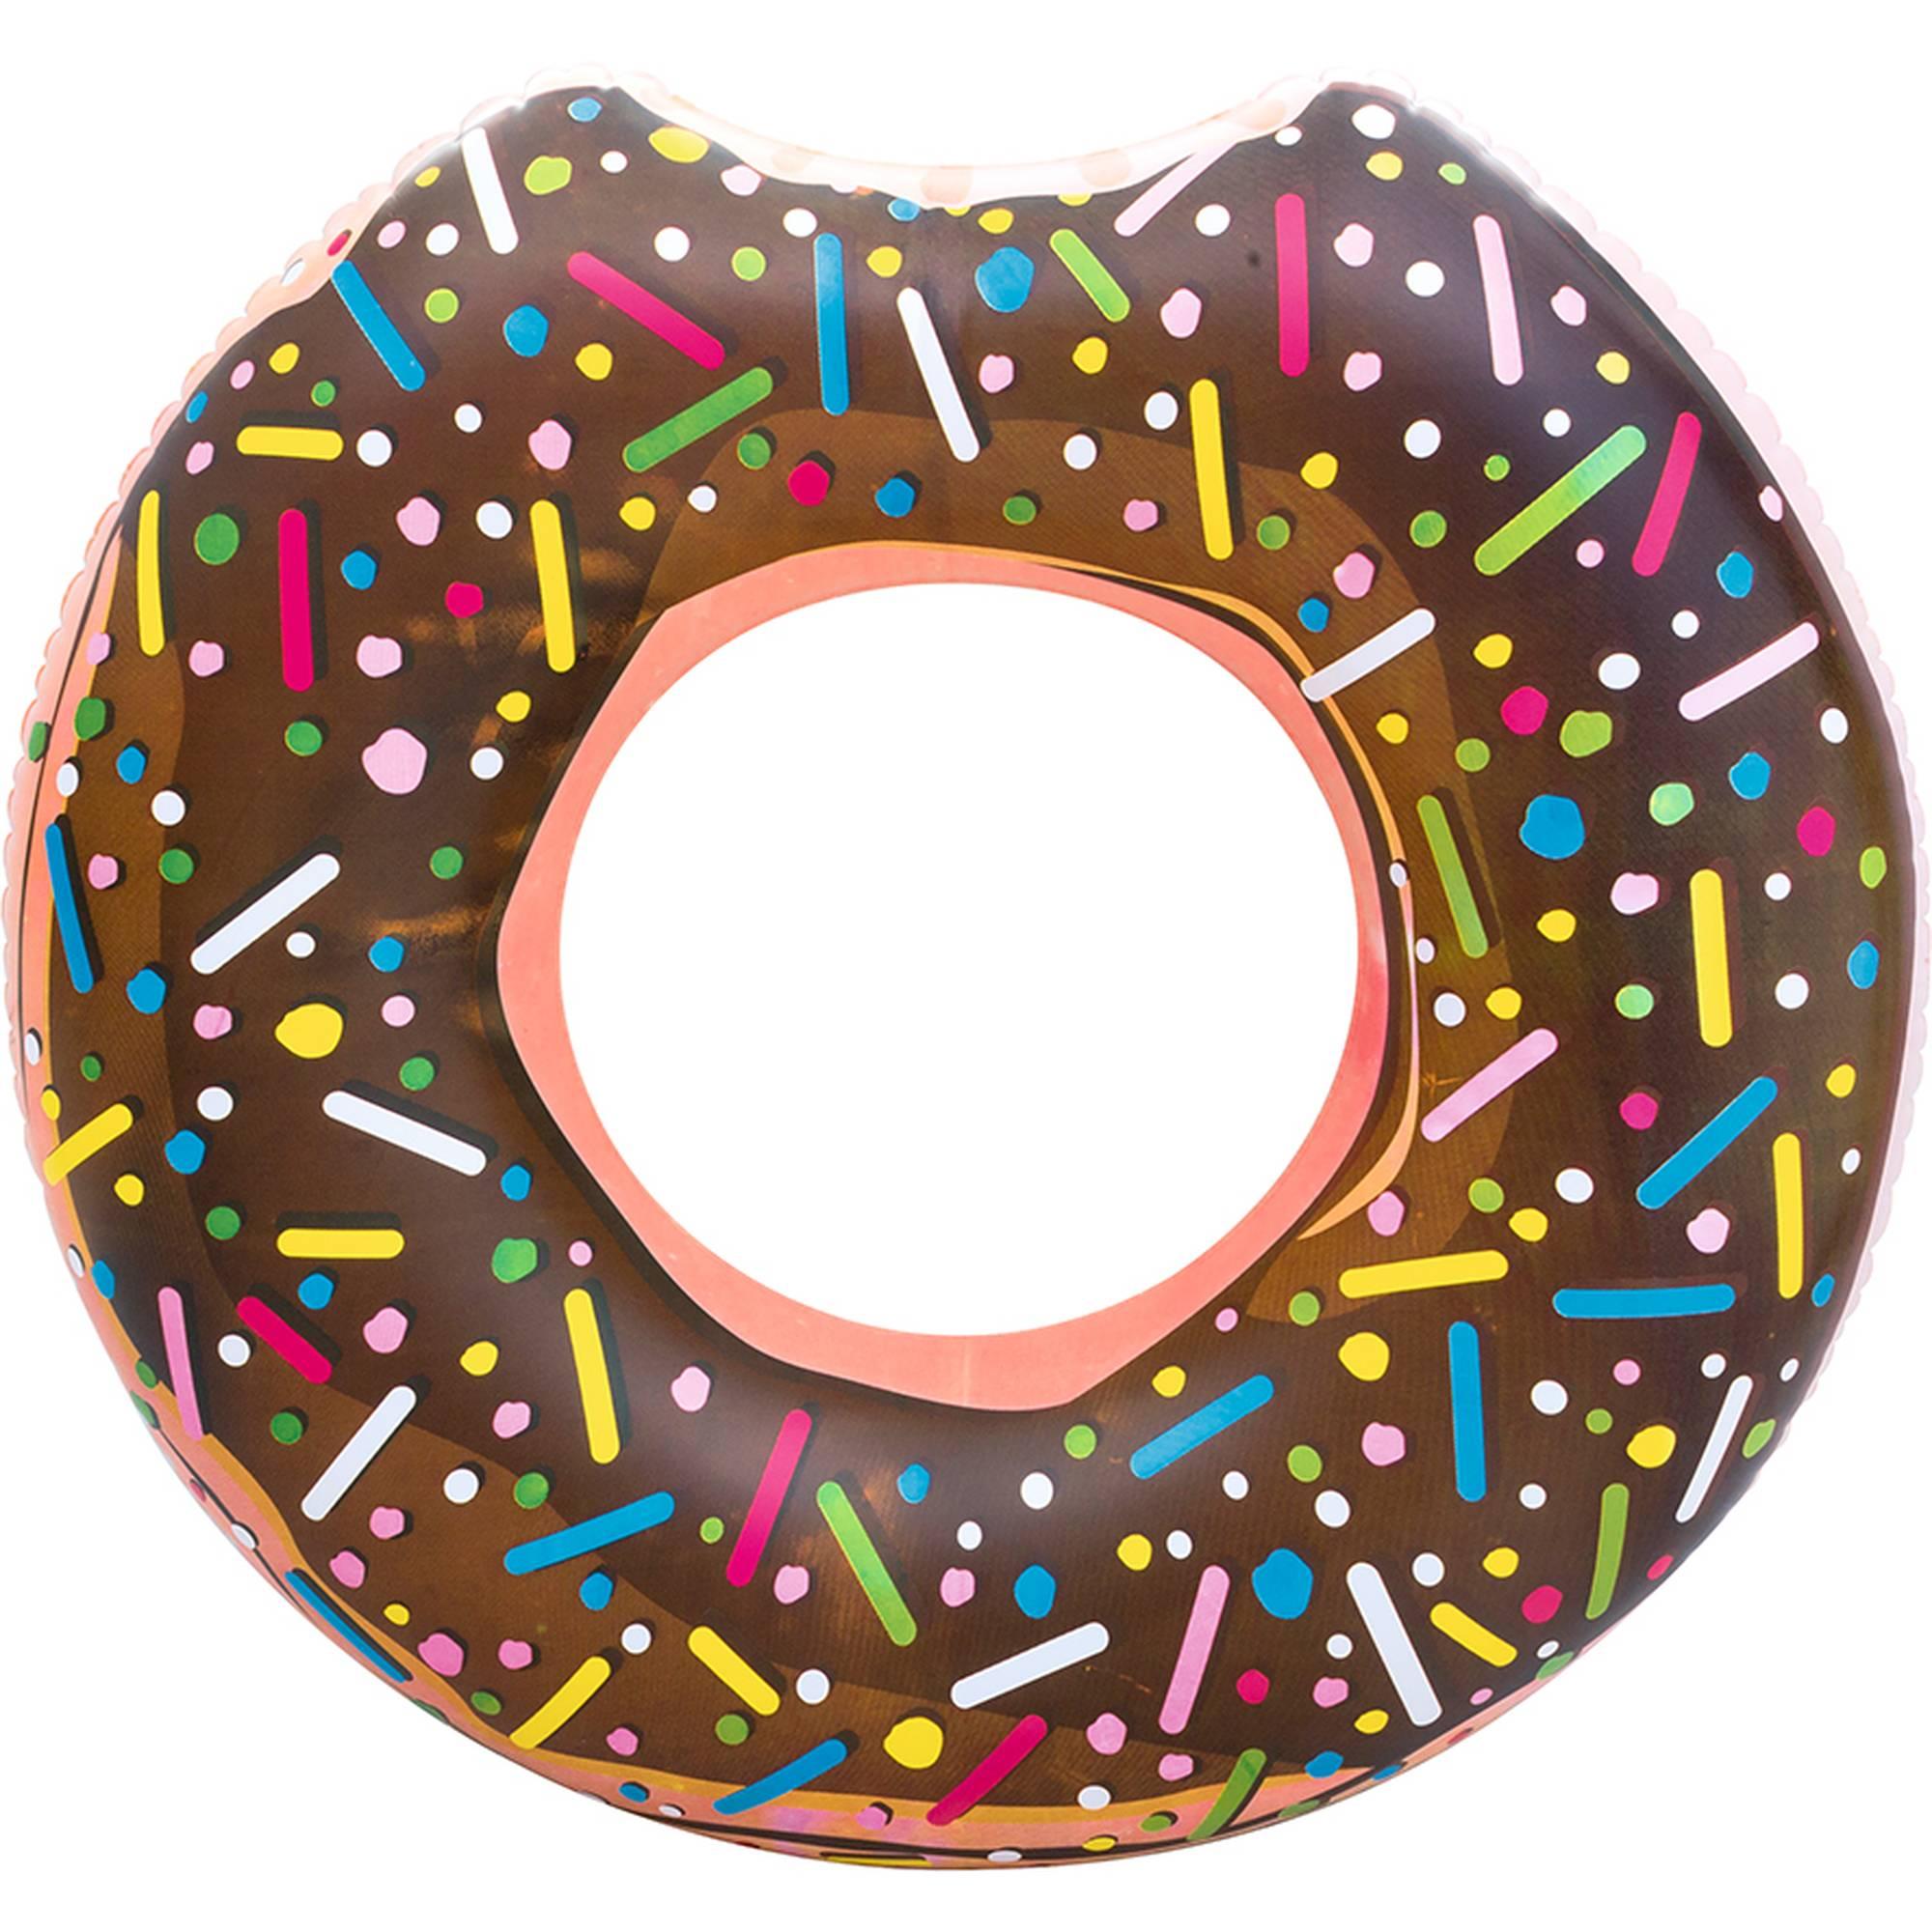 Bestway Donut Ring Ø 107 cm zum aufblasen